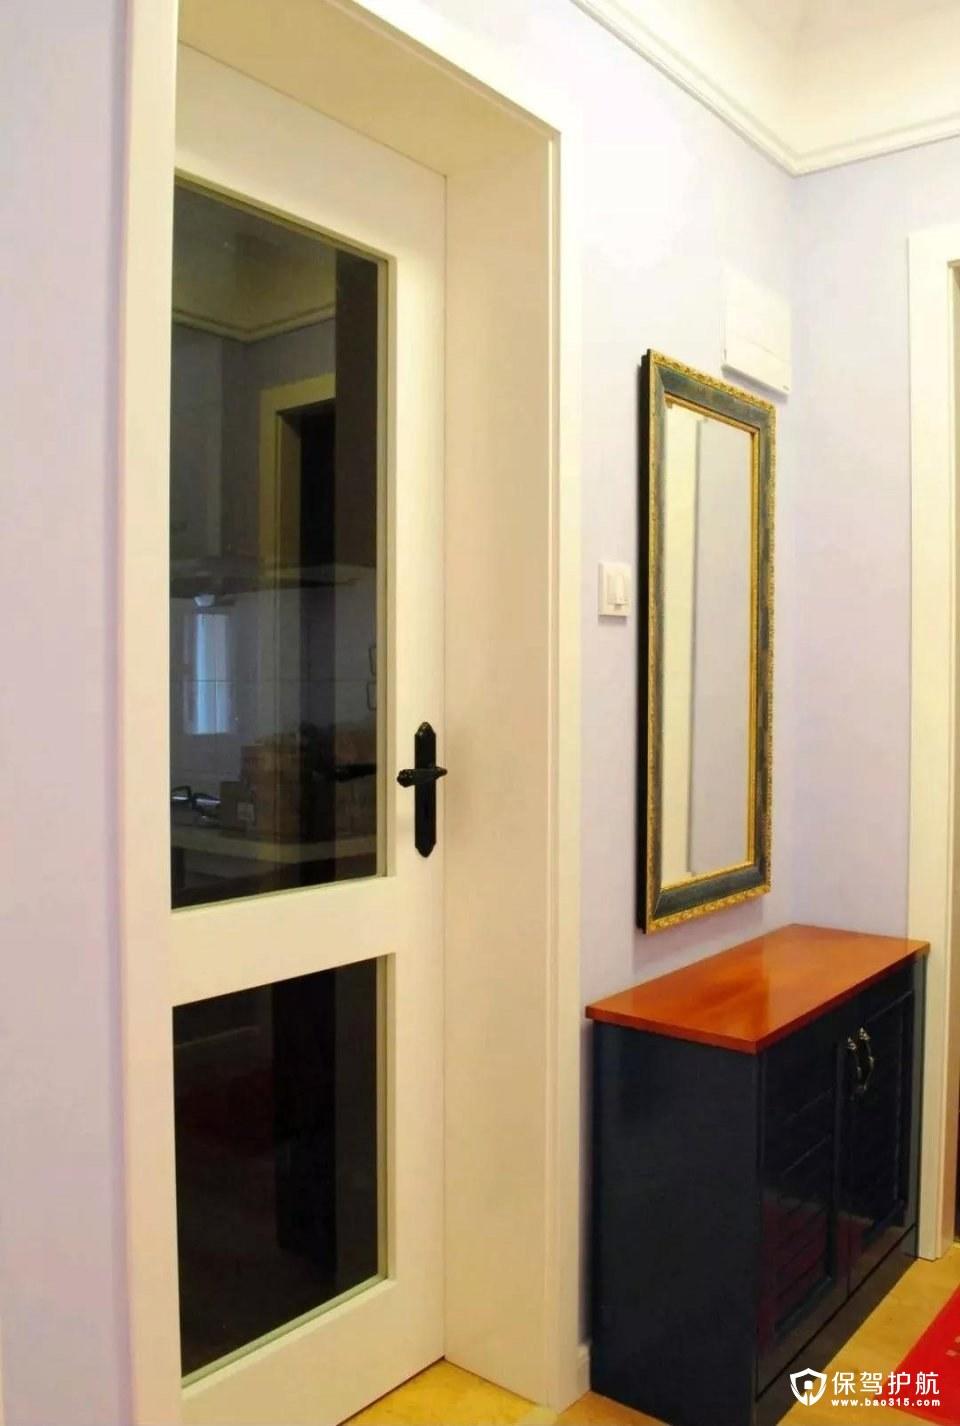 玄关门后面的这个空档位置,刚好摆了一张黑色的换鞋凳矮柜,后方挂一面复古调的镜子,整体空间搭配优雅而又高档;